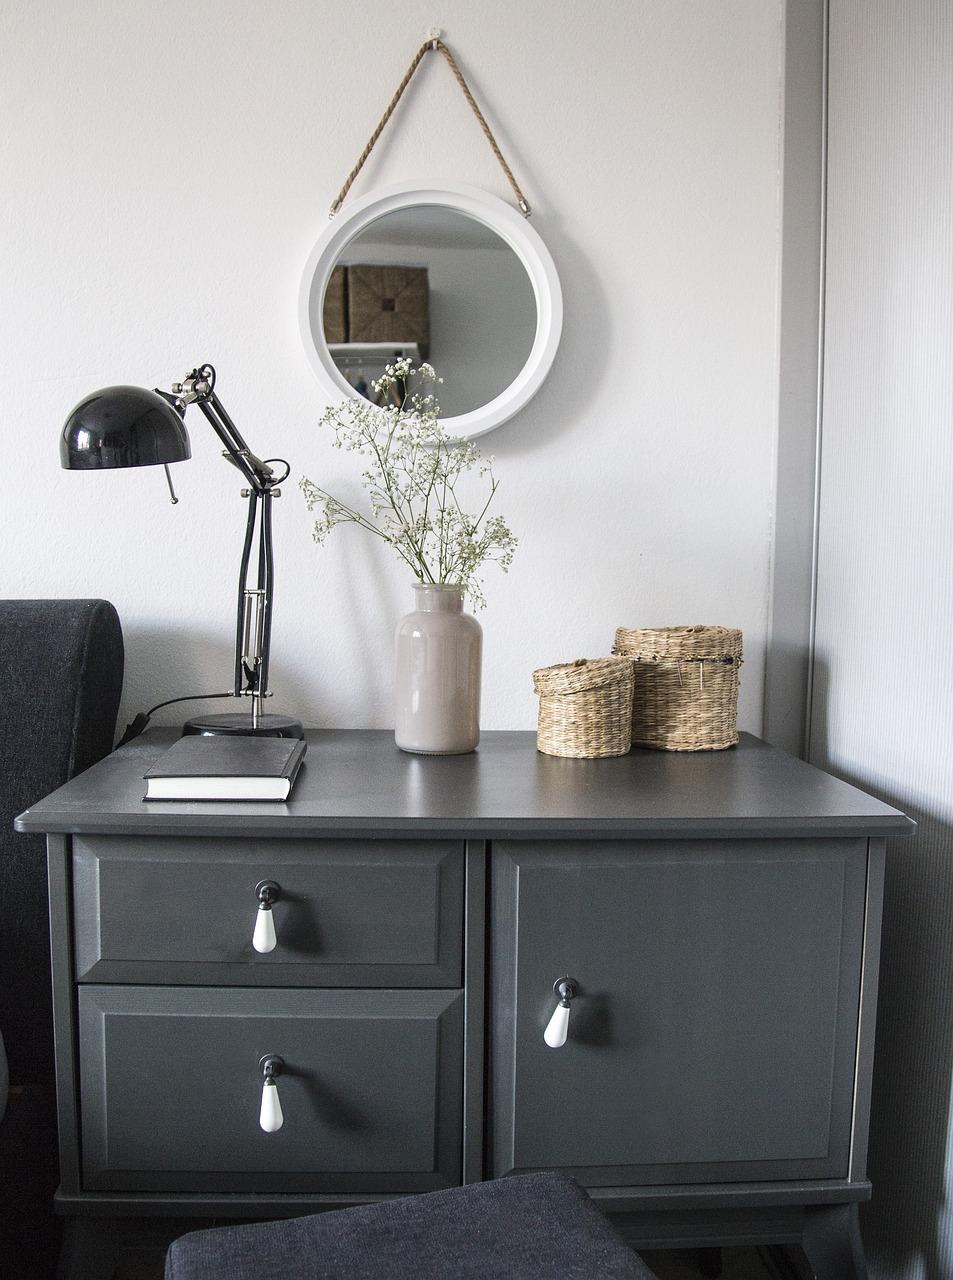 Bed Bedroom Vase Furniture Interior Room Home